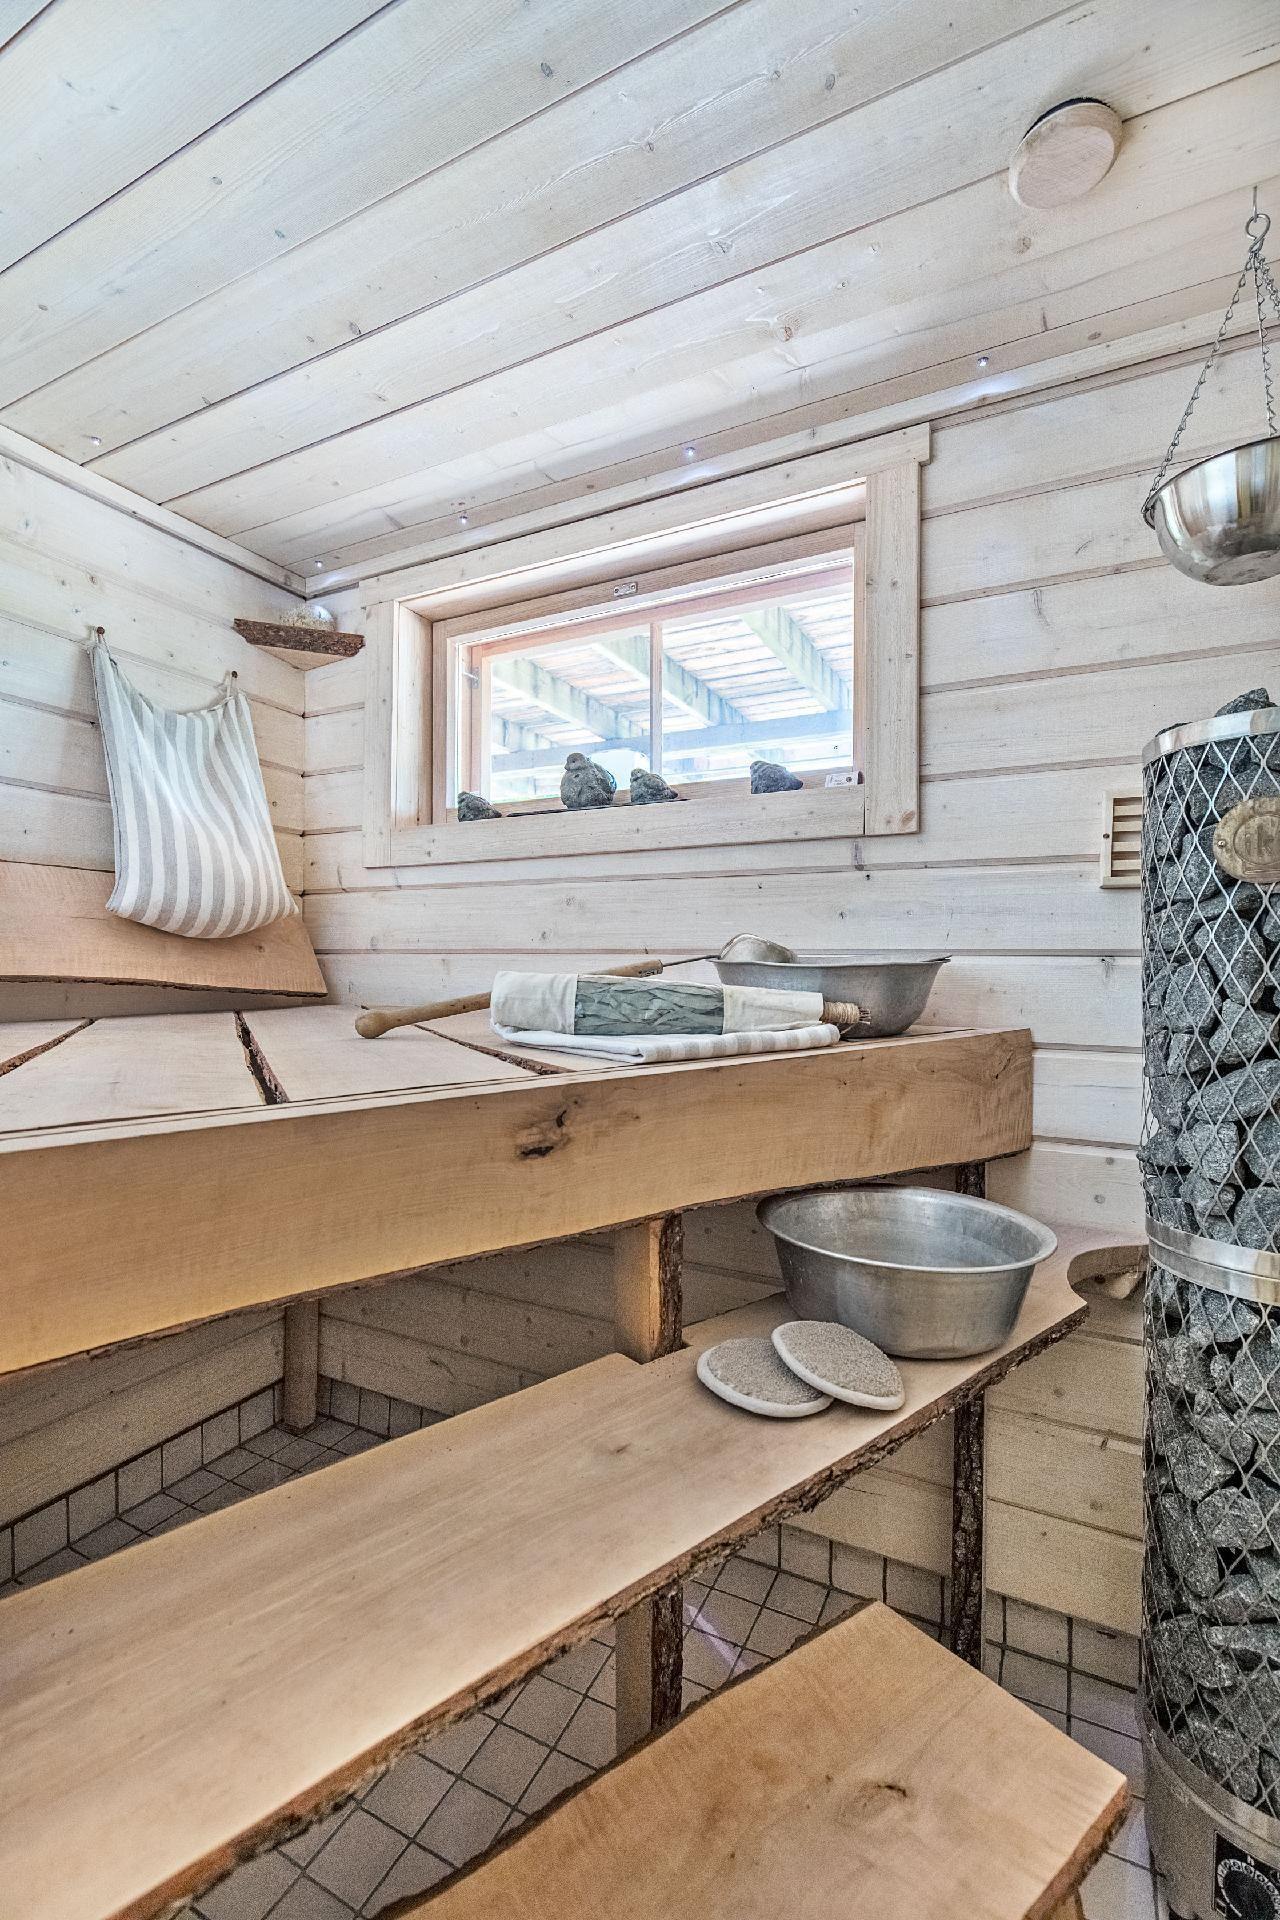 Myydään Omakotitalo 4 huonetta - Porvoo Seitlahti Voolahdentie 399 - Etuovi.com 1204367